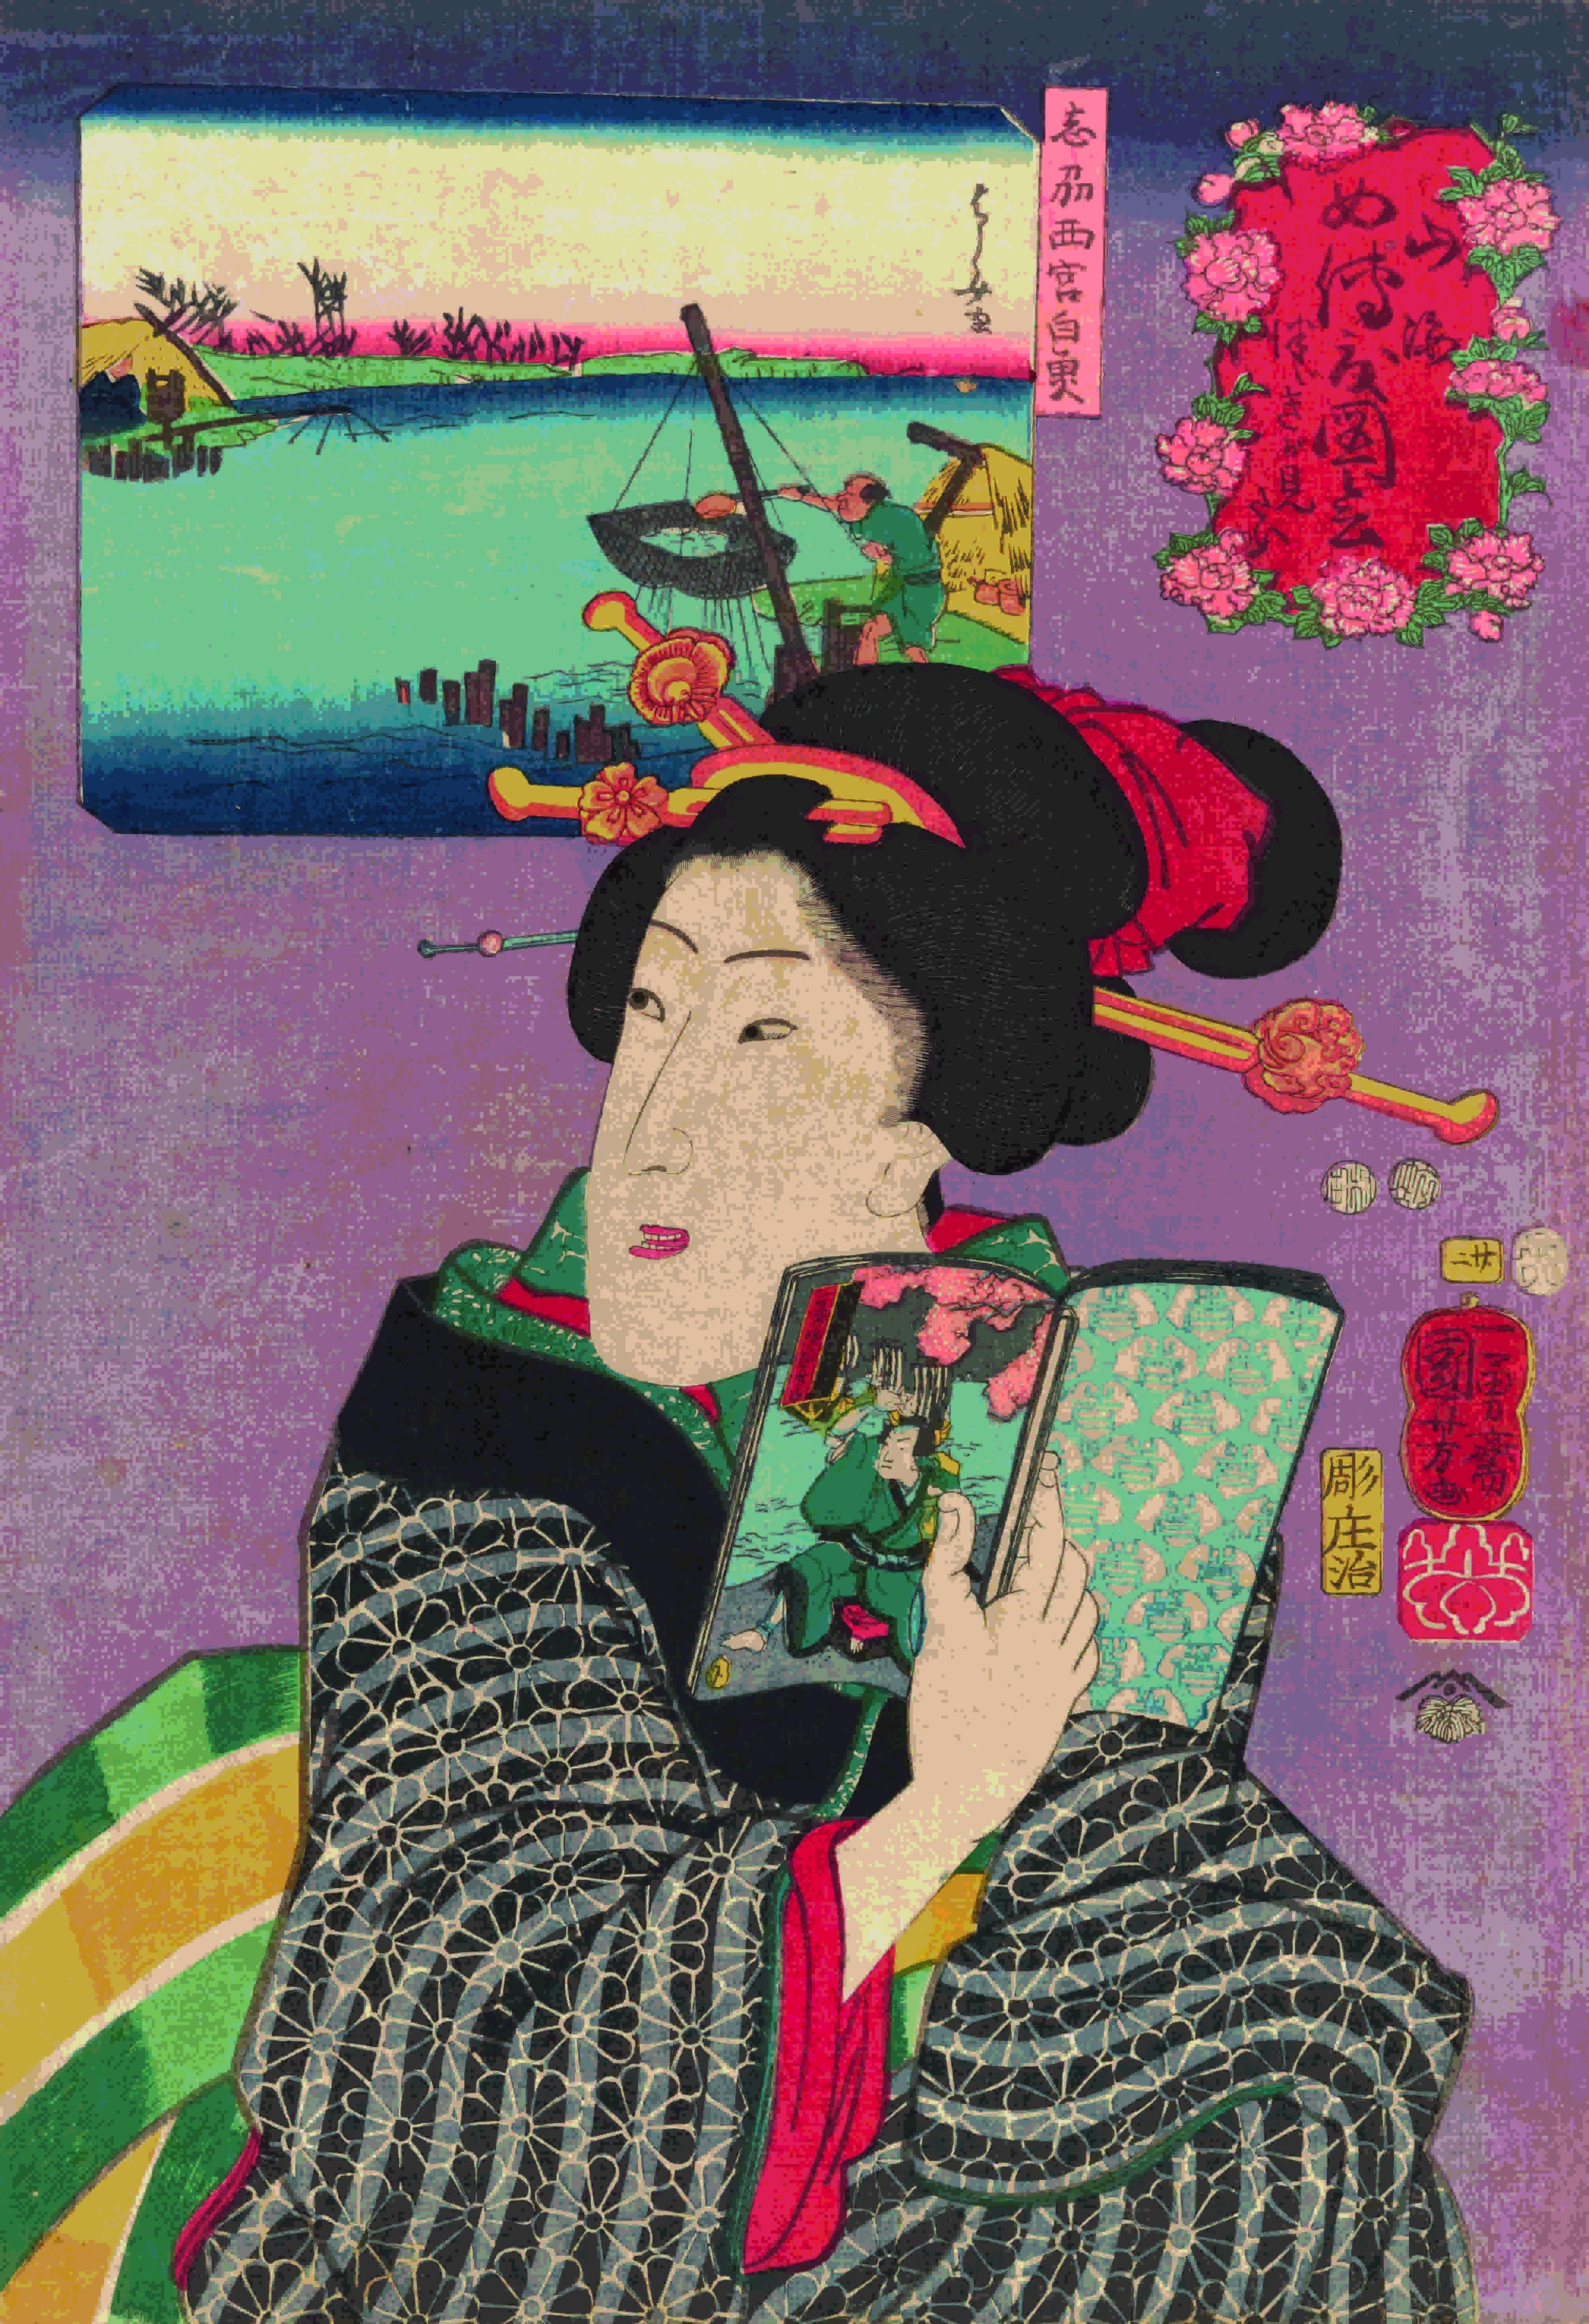 053 Kuniyoshi